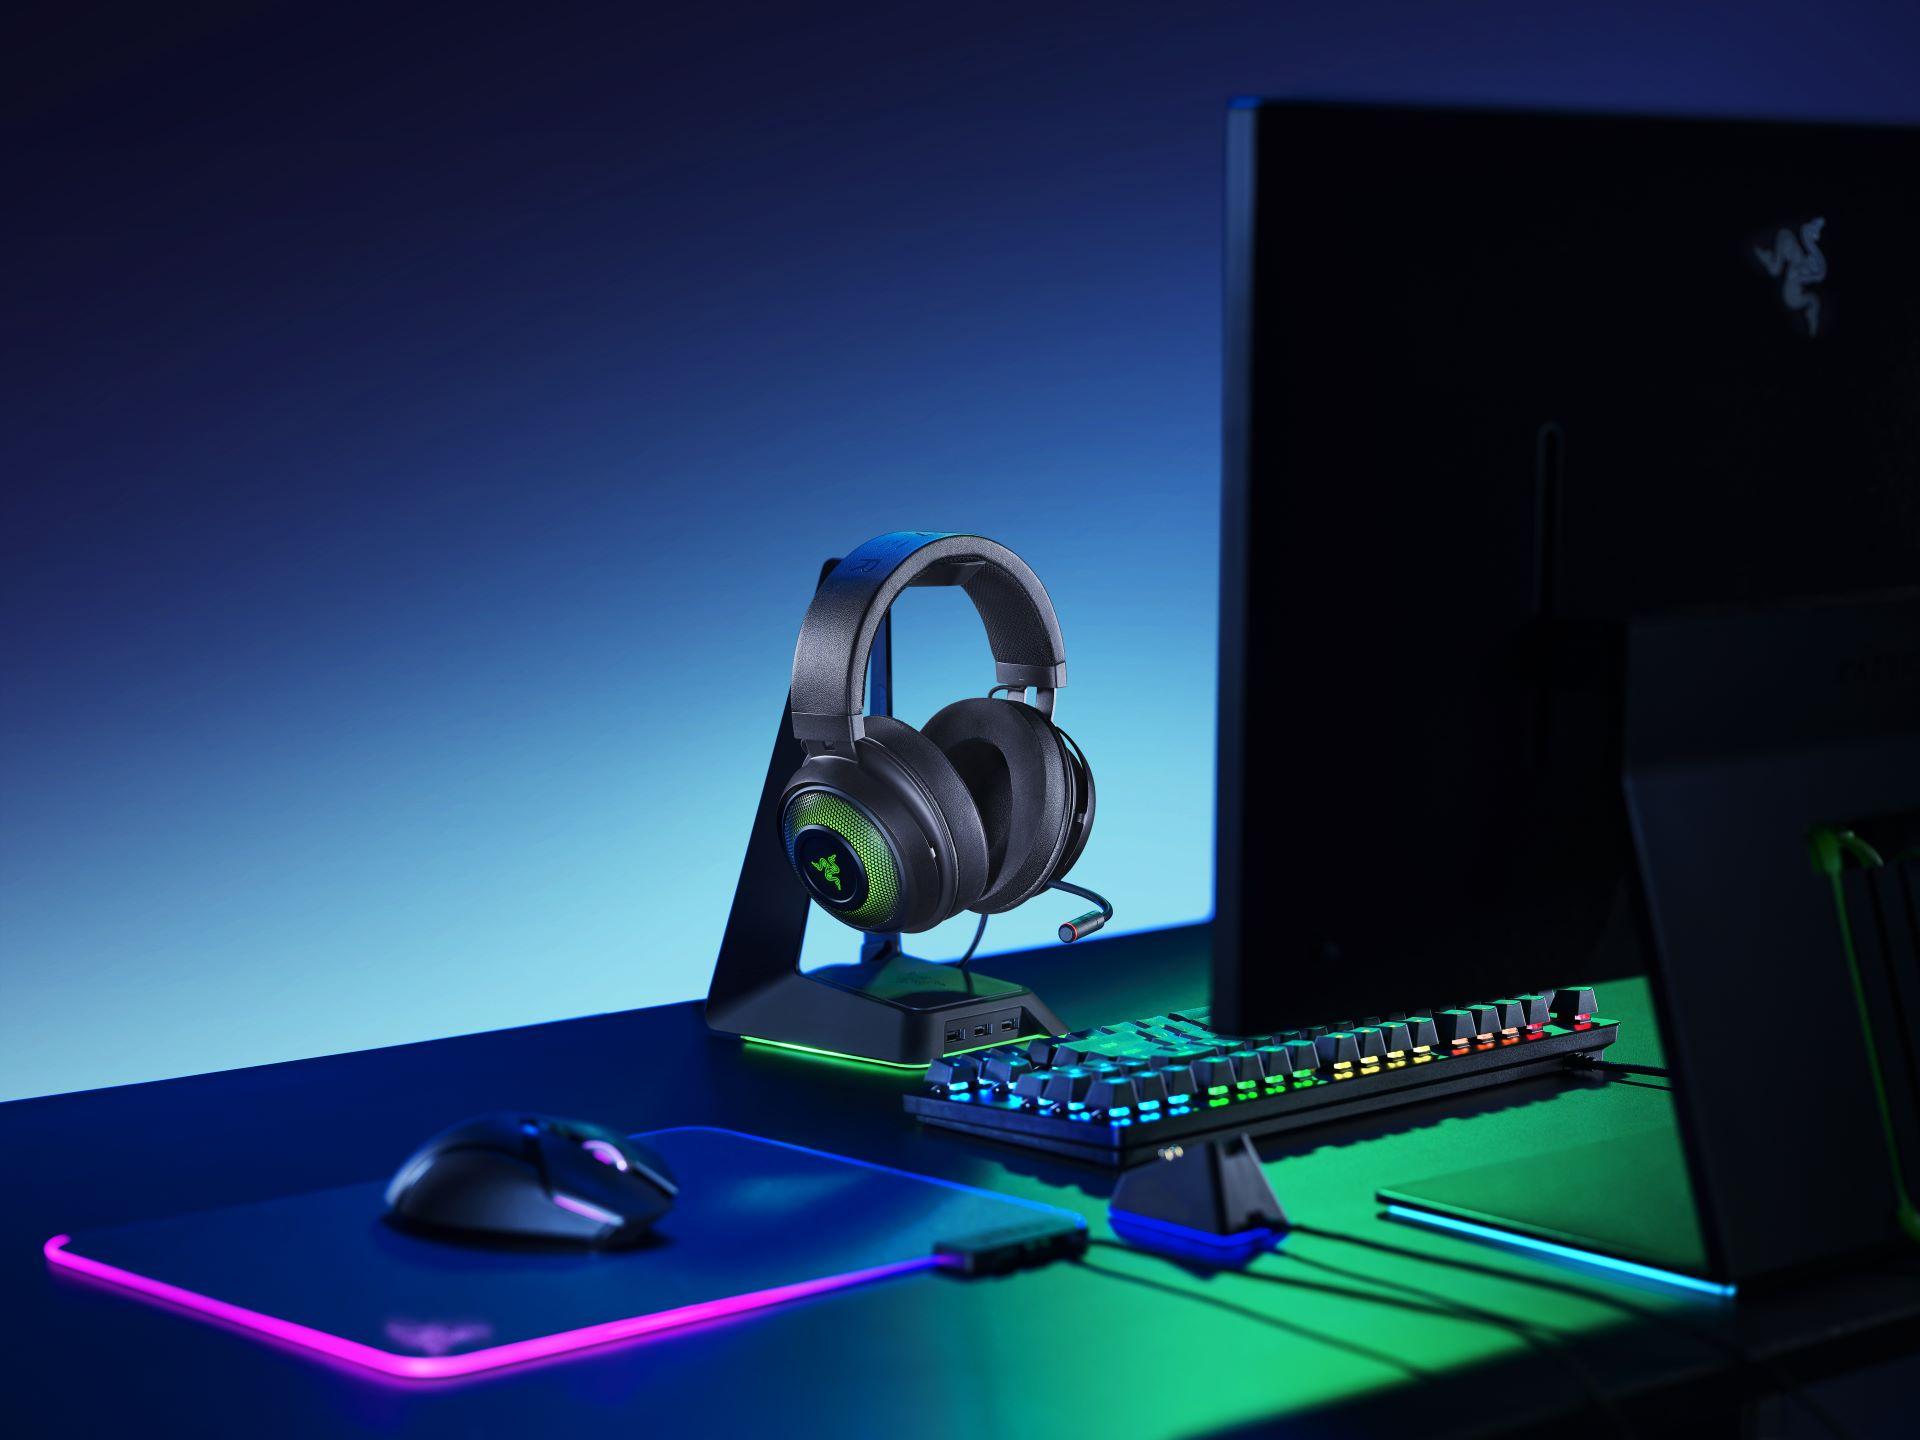 Анонсирована гарнитура Razer Kraken Ultimate с THX Spatial Audio